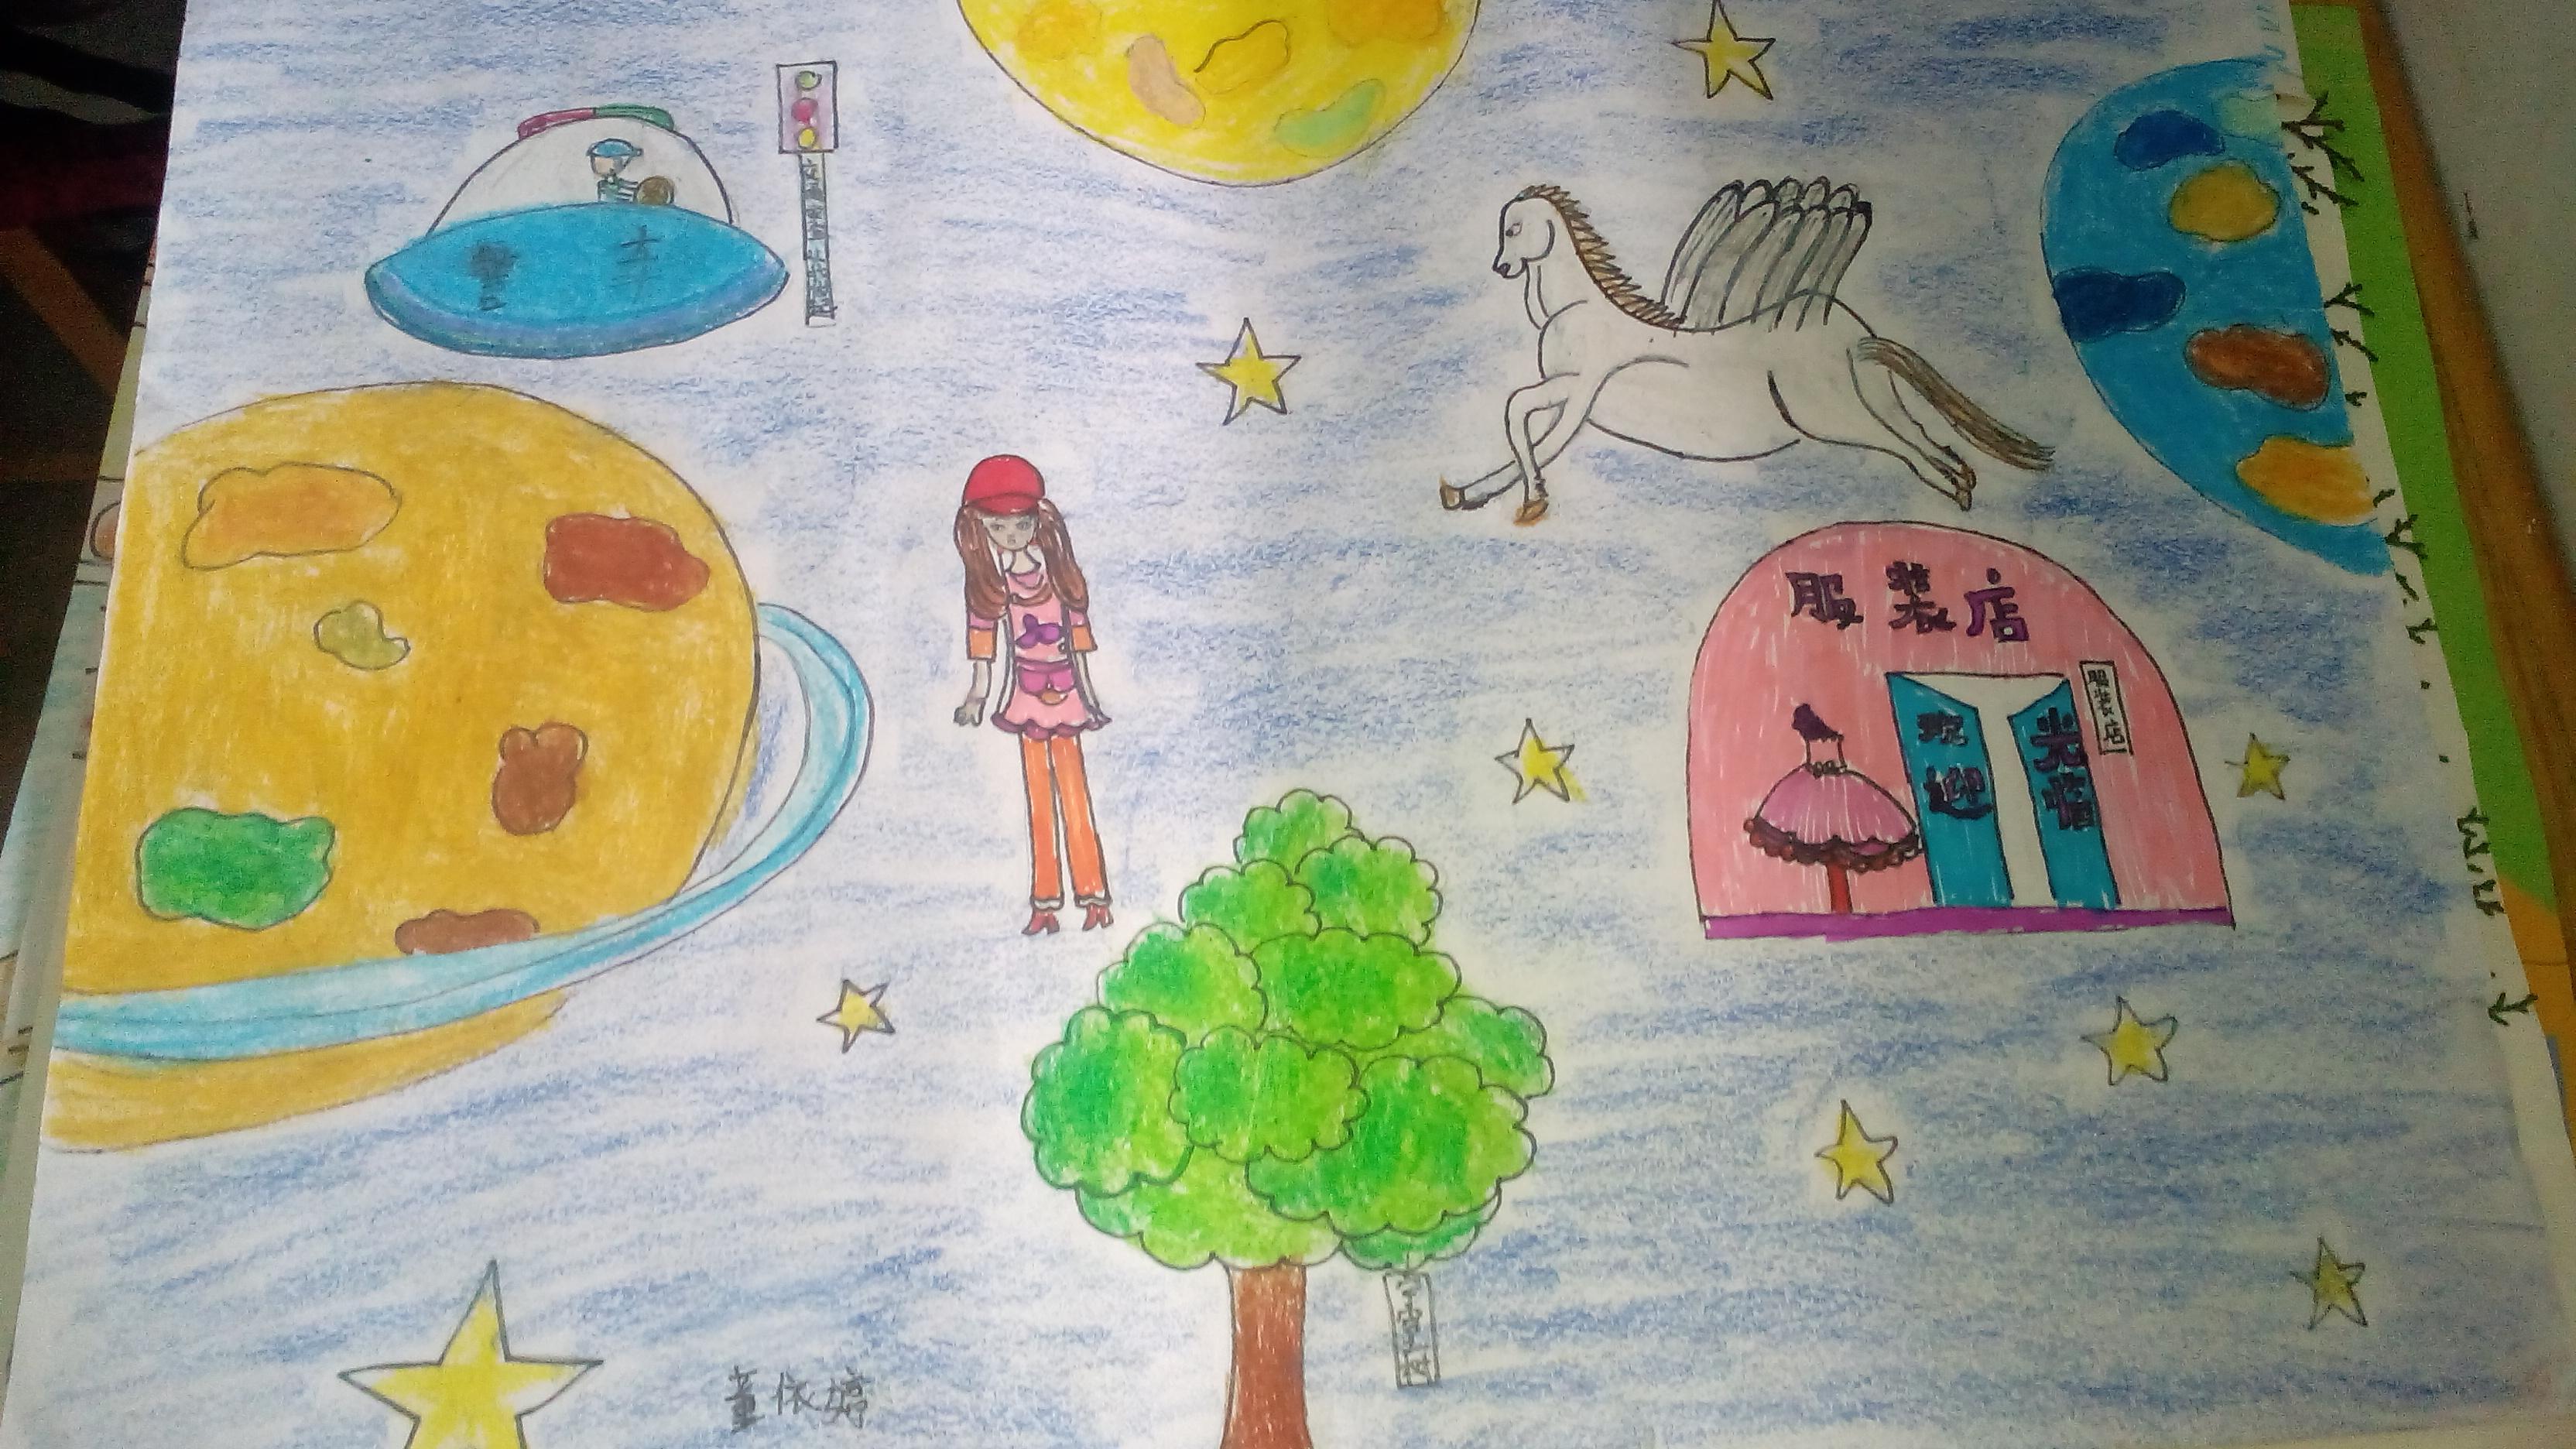 9岁儿童画-未来车图片简笔画-科技畅想未来绘画作品-未来太空城市绘画